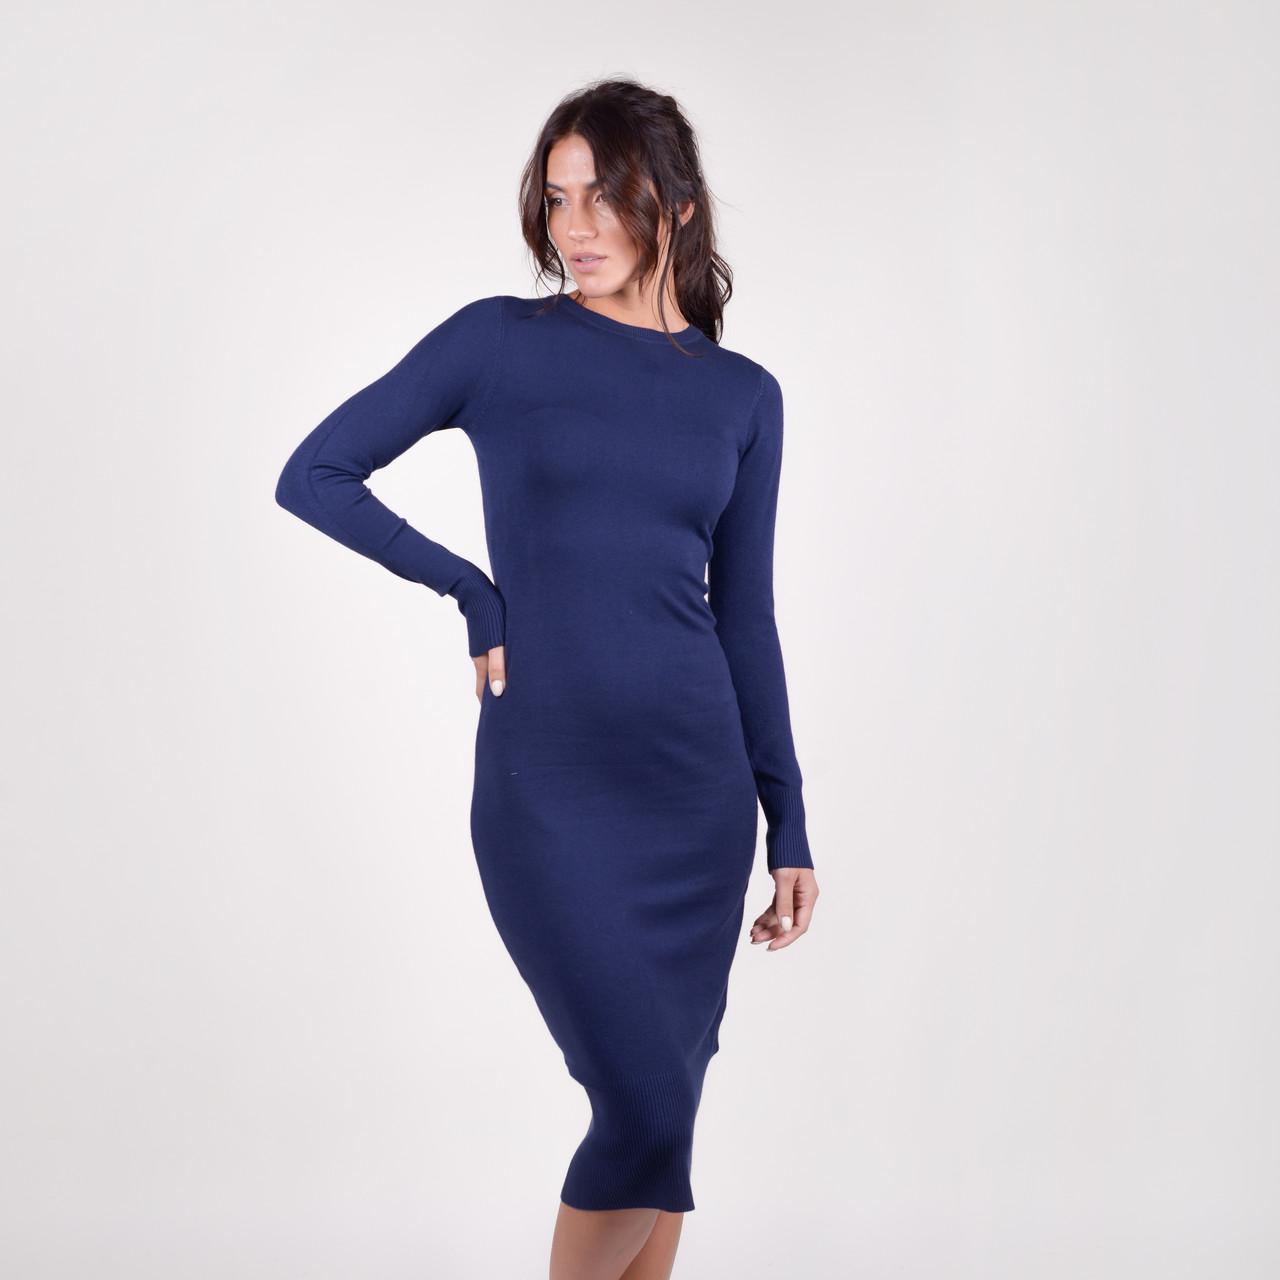 Приталенное платье-миди с круглой горловиной в 4 цветах в размере S/M L/XL.